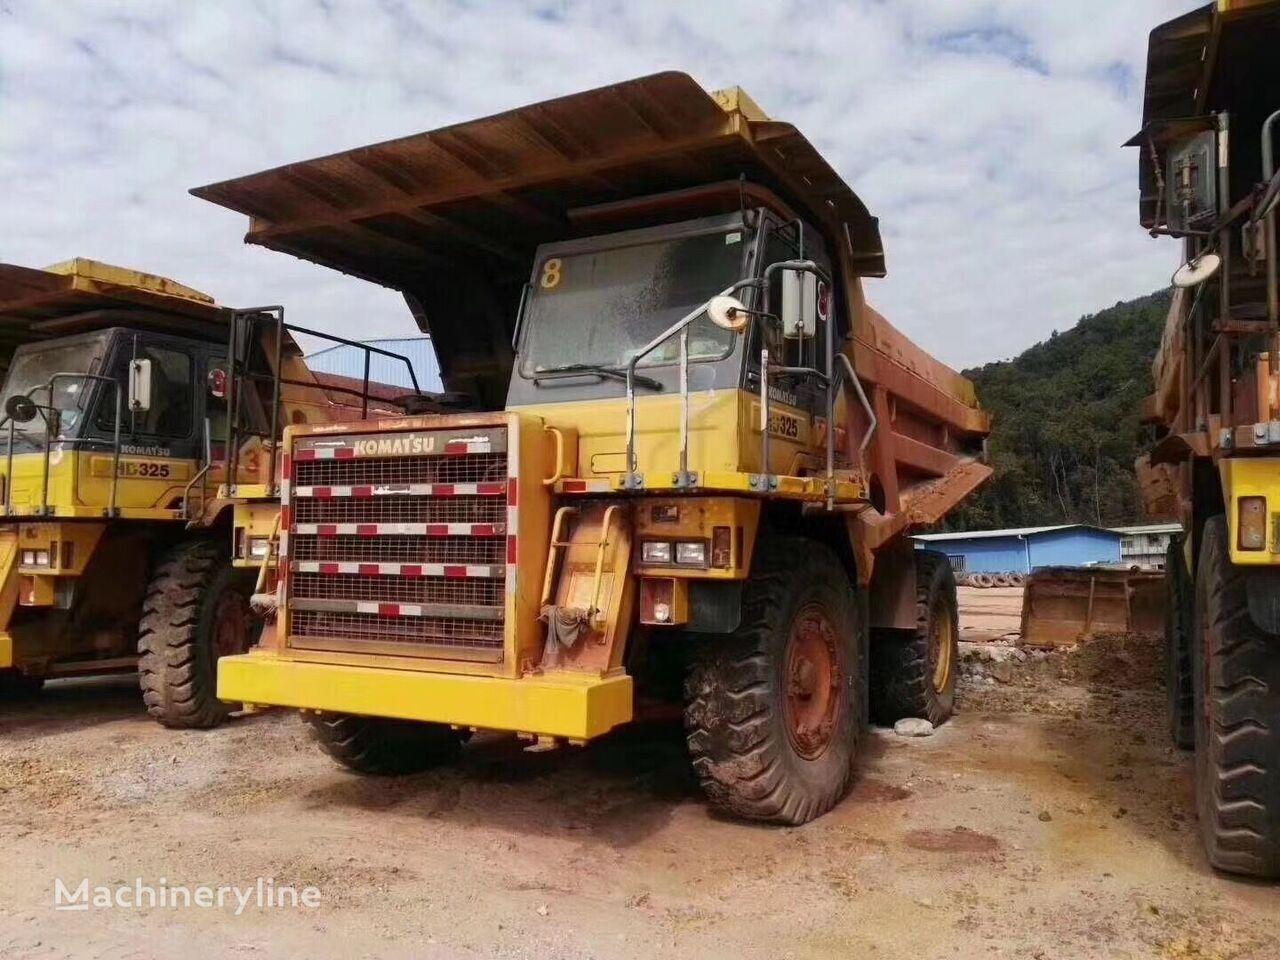 KOMATSU HD325-6 rock  dump truck haul truck